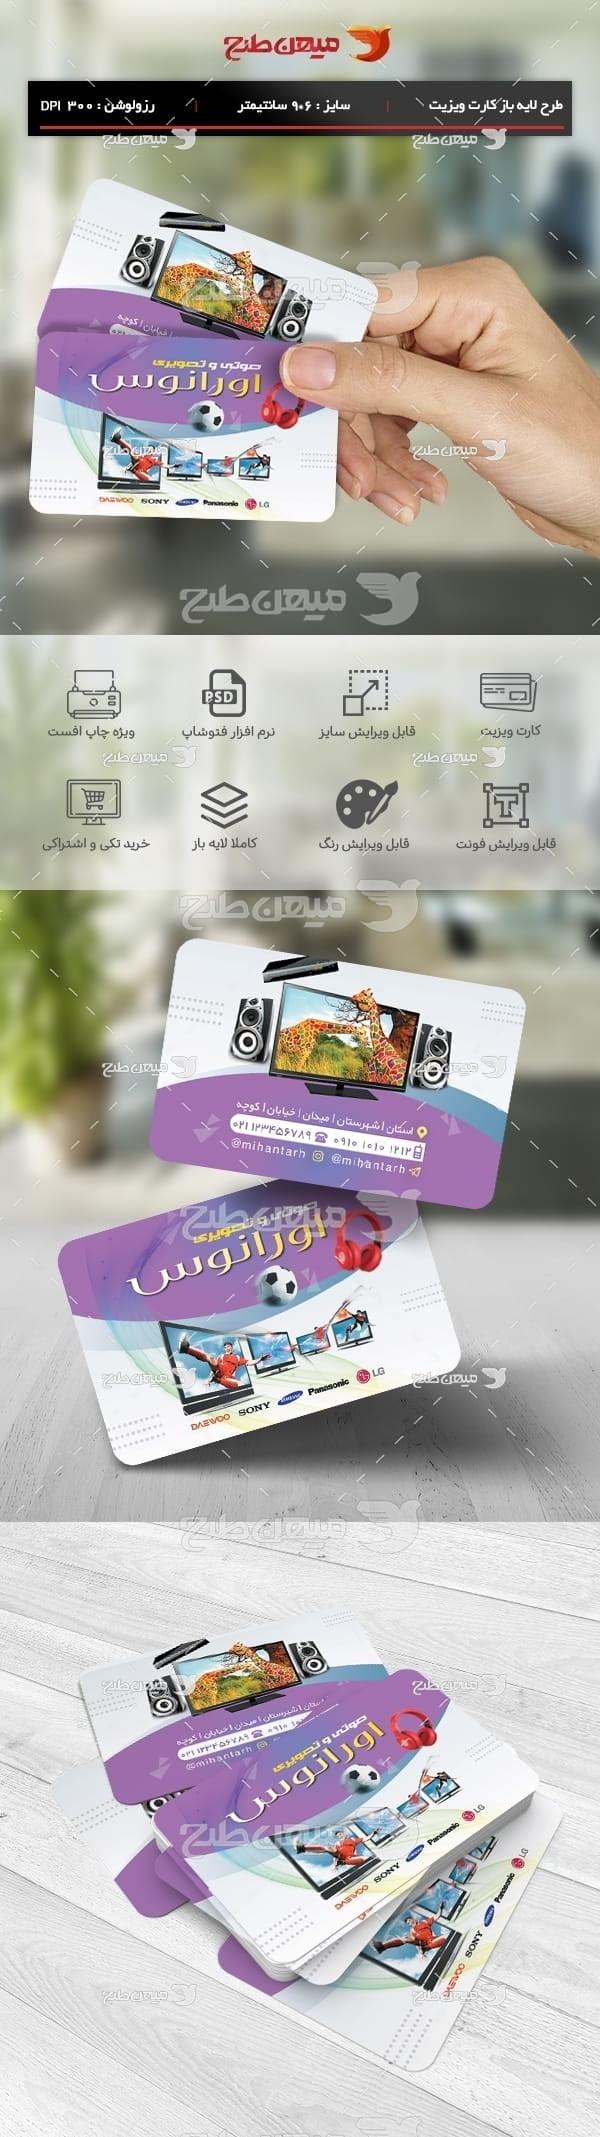 طرح لایه باز کارت ویزیت فروشگاه صوتی و تصویری